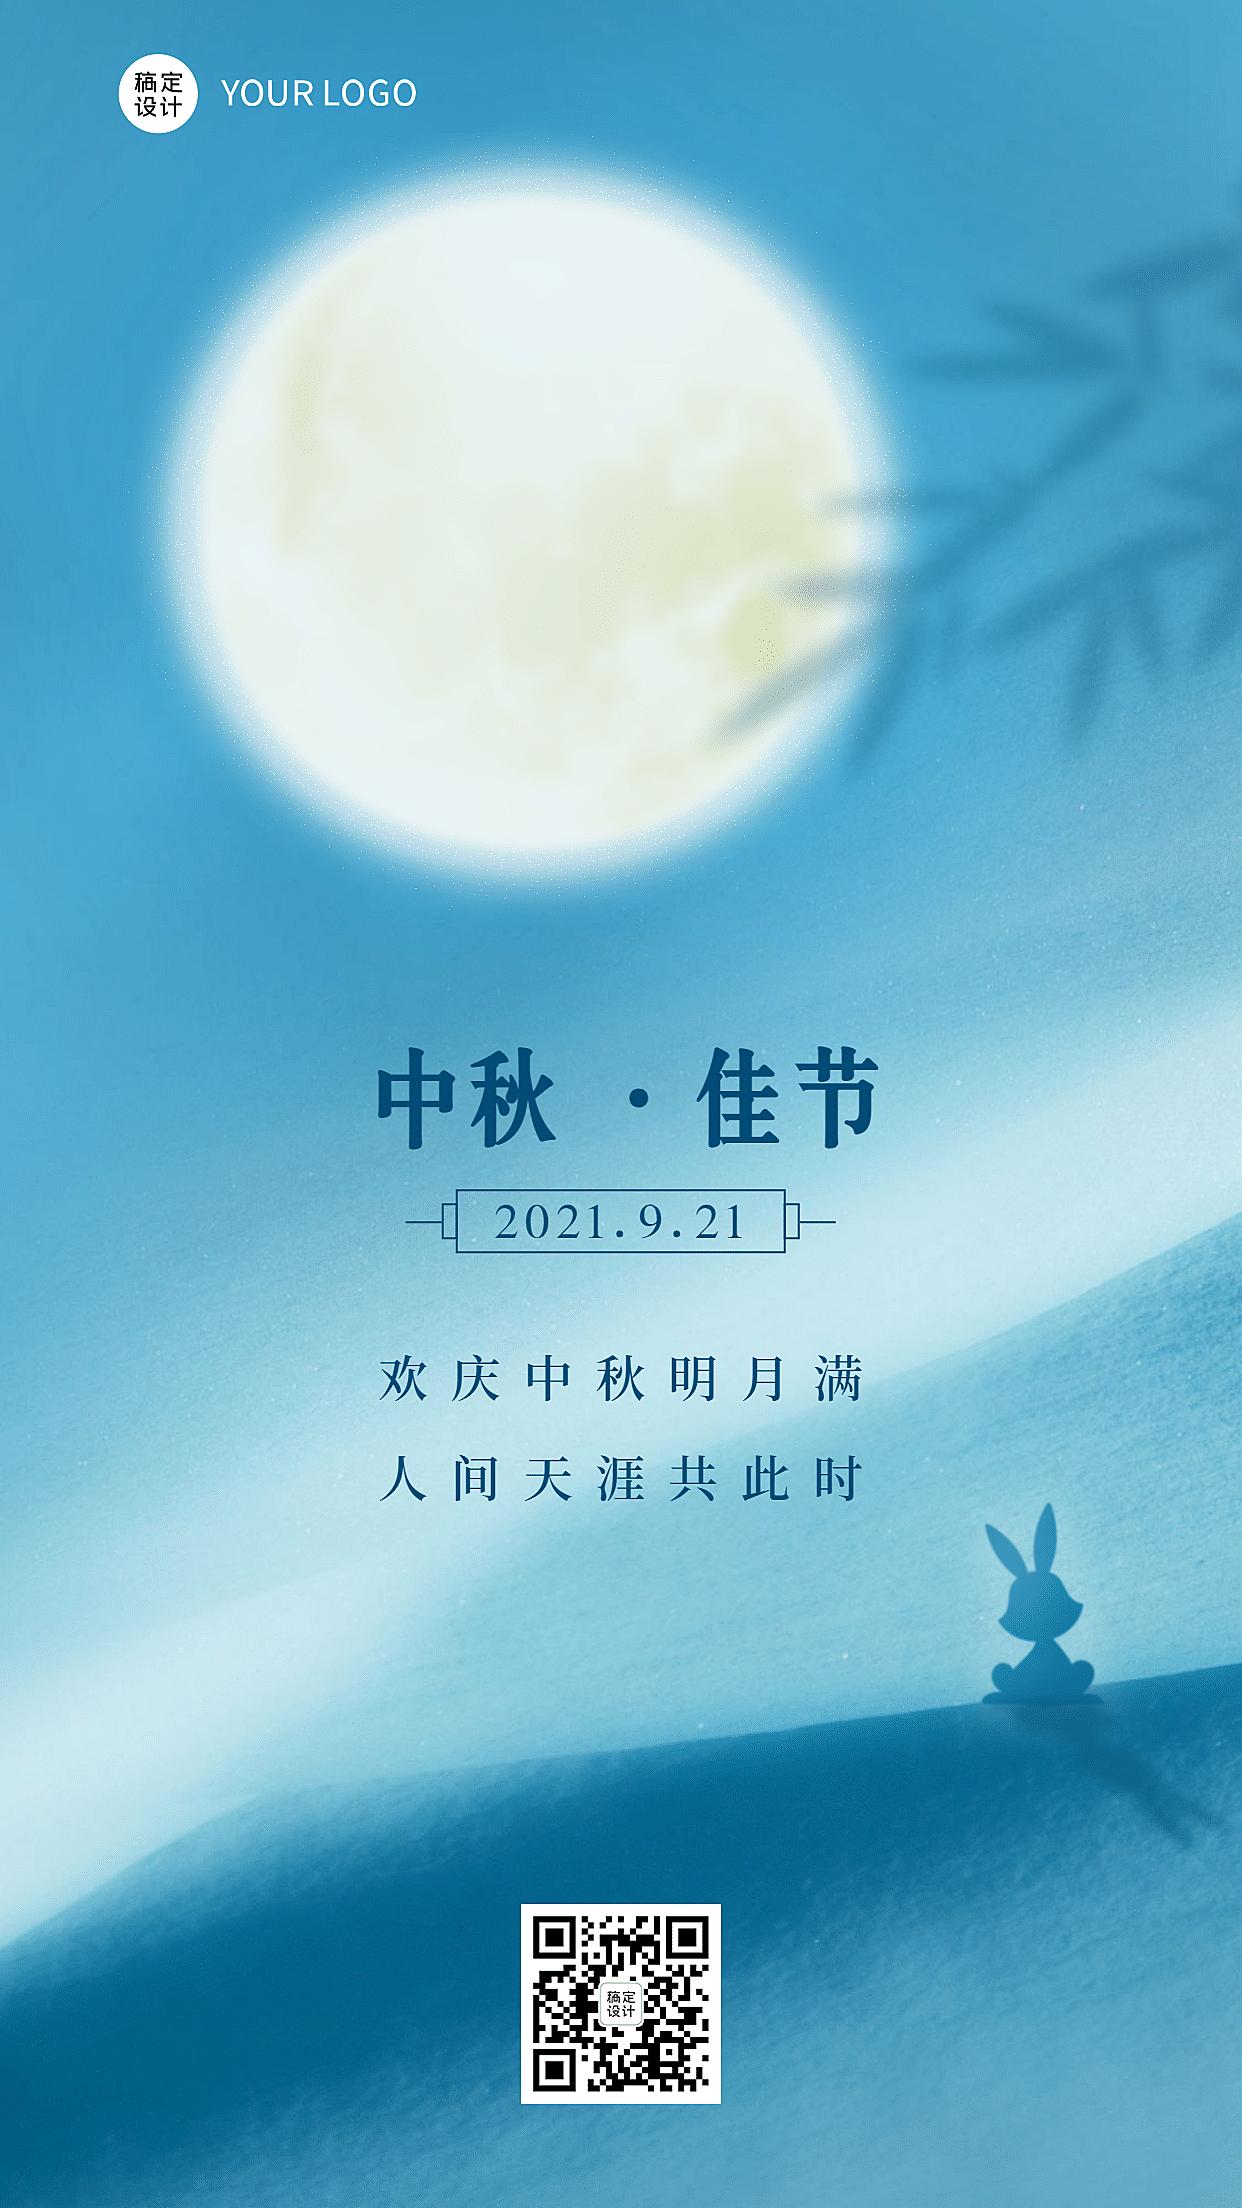 中秋祝福氛围插画手机海报